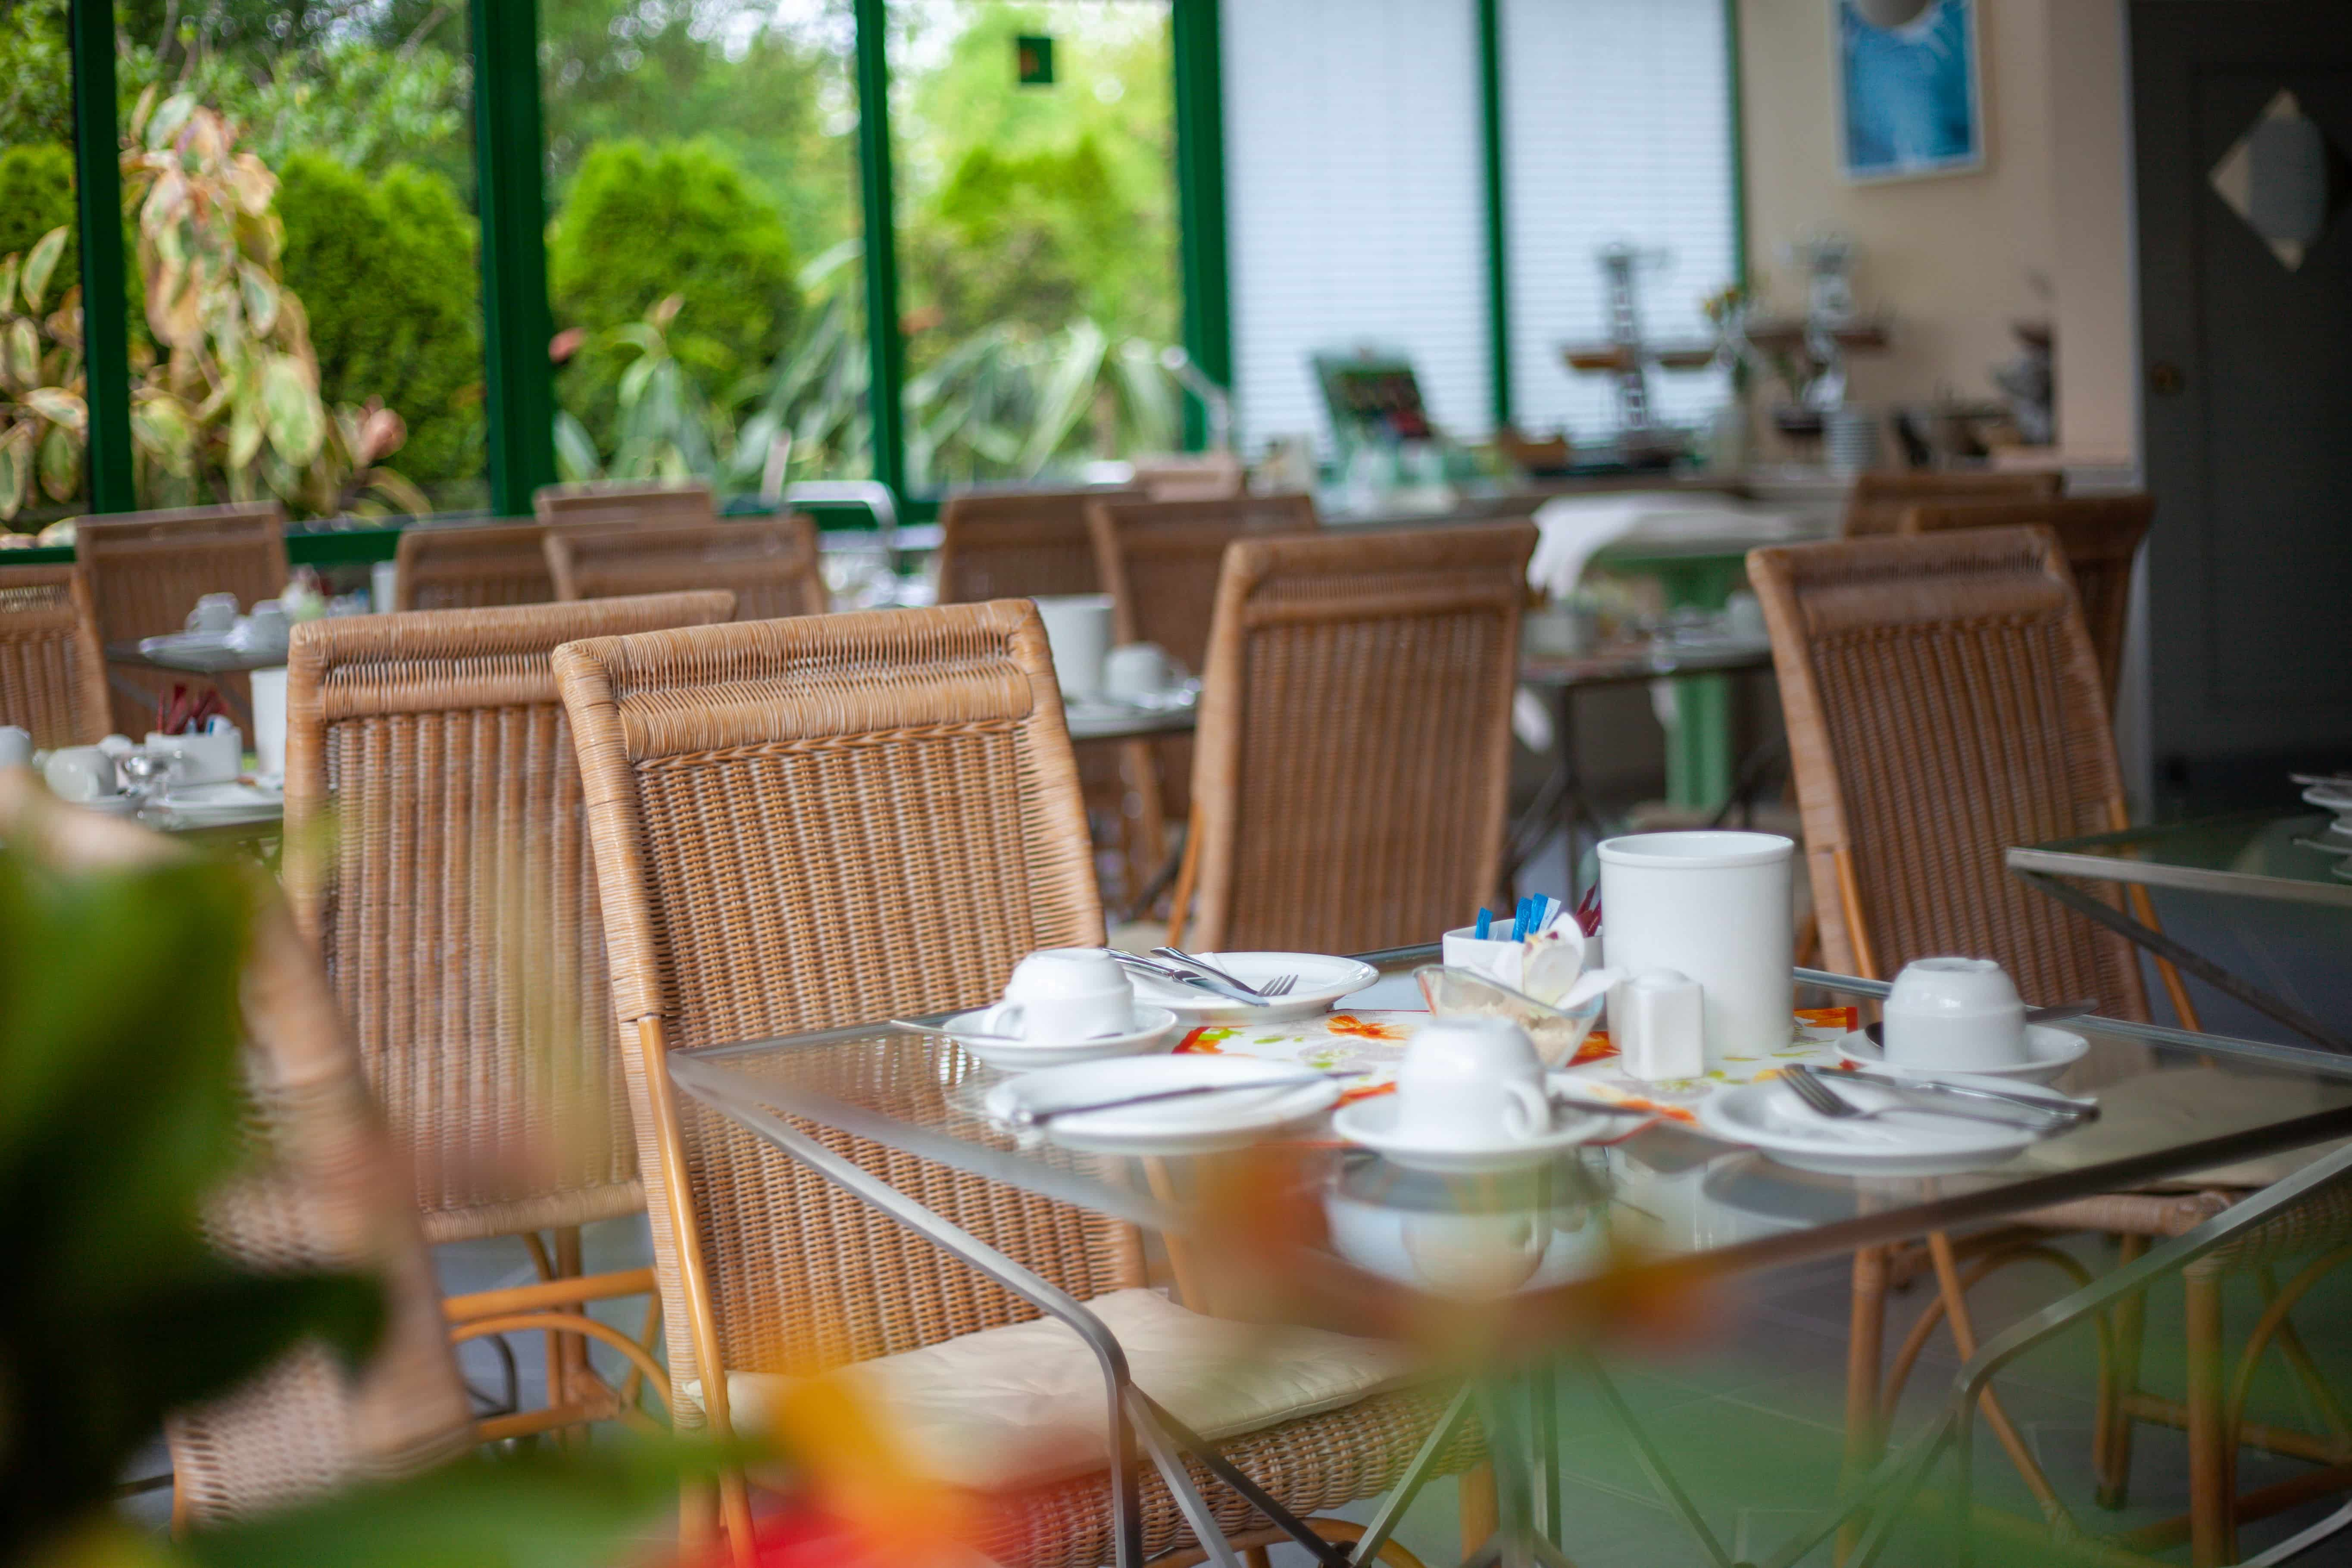 wintergarten hotel landsberg halle leipzig saalekreis 8